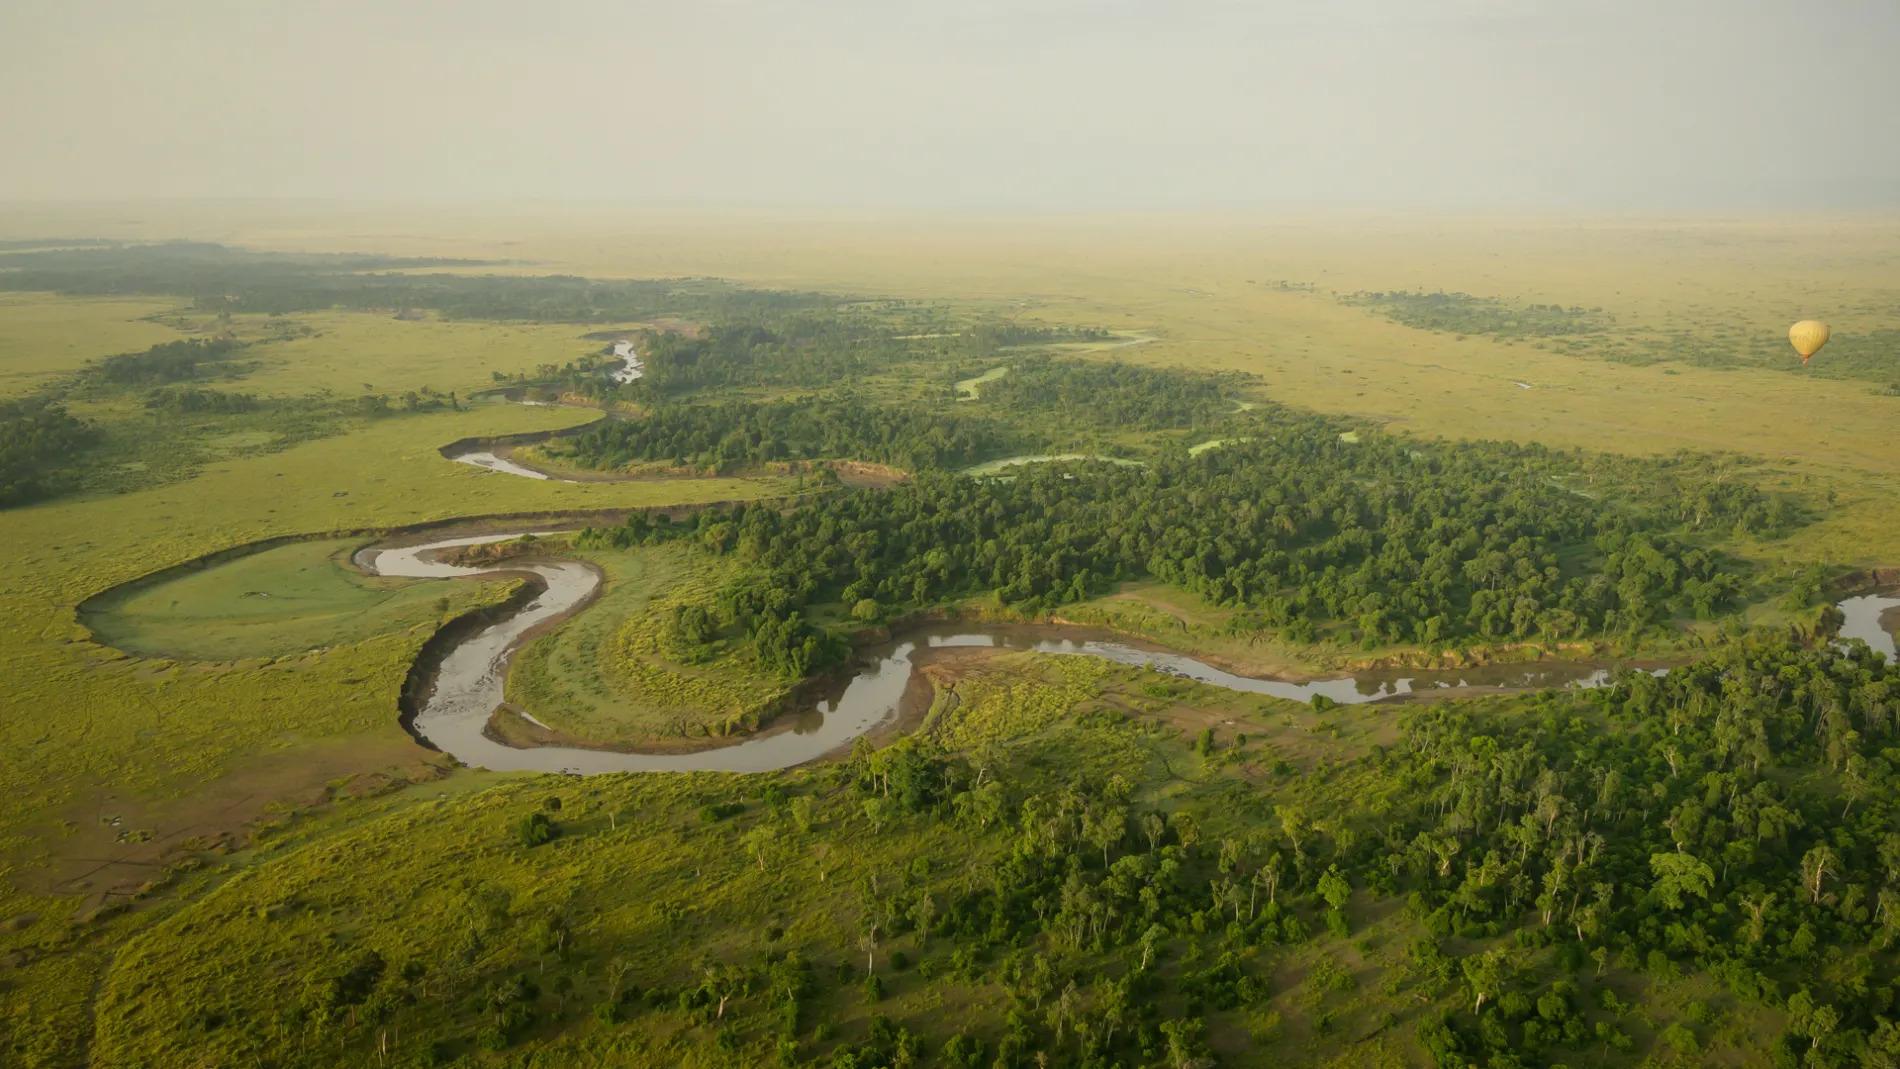 Mara River aerial